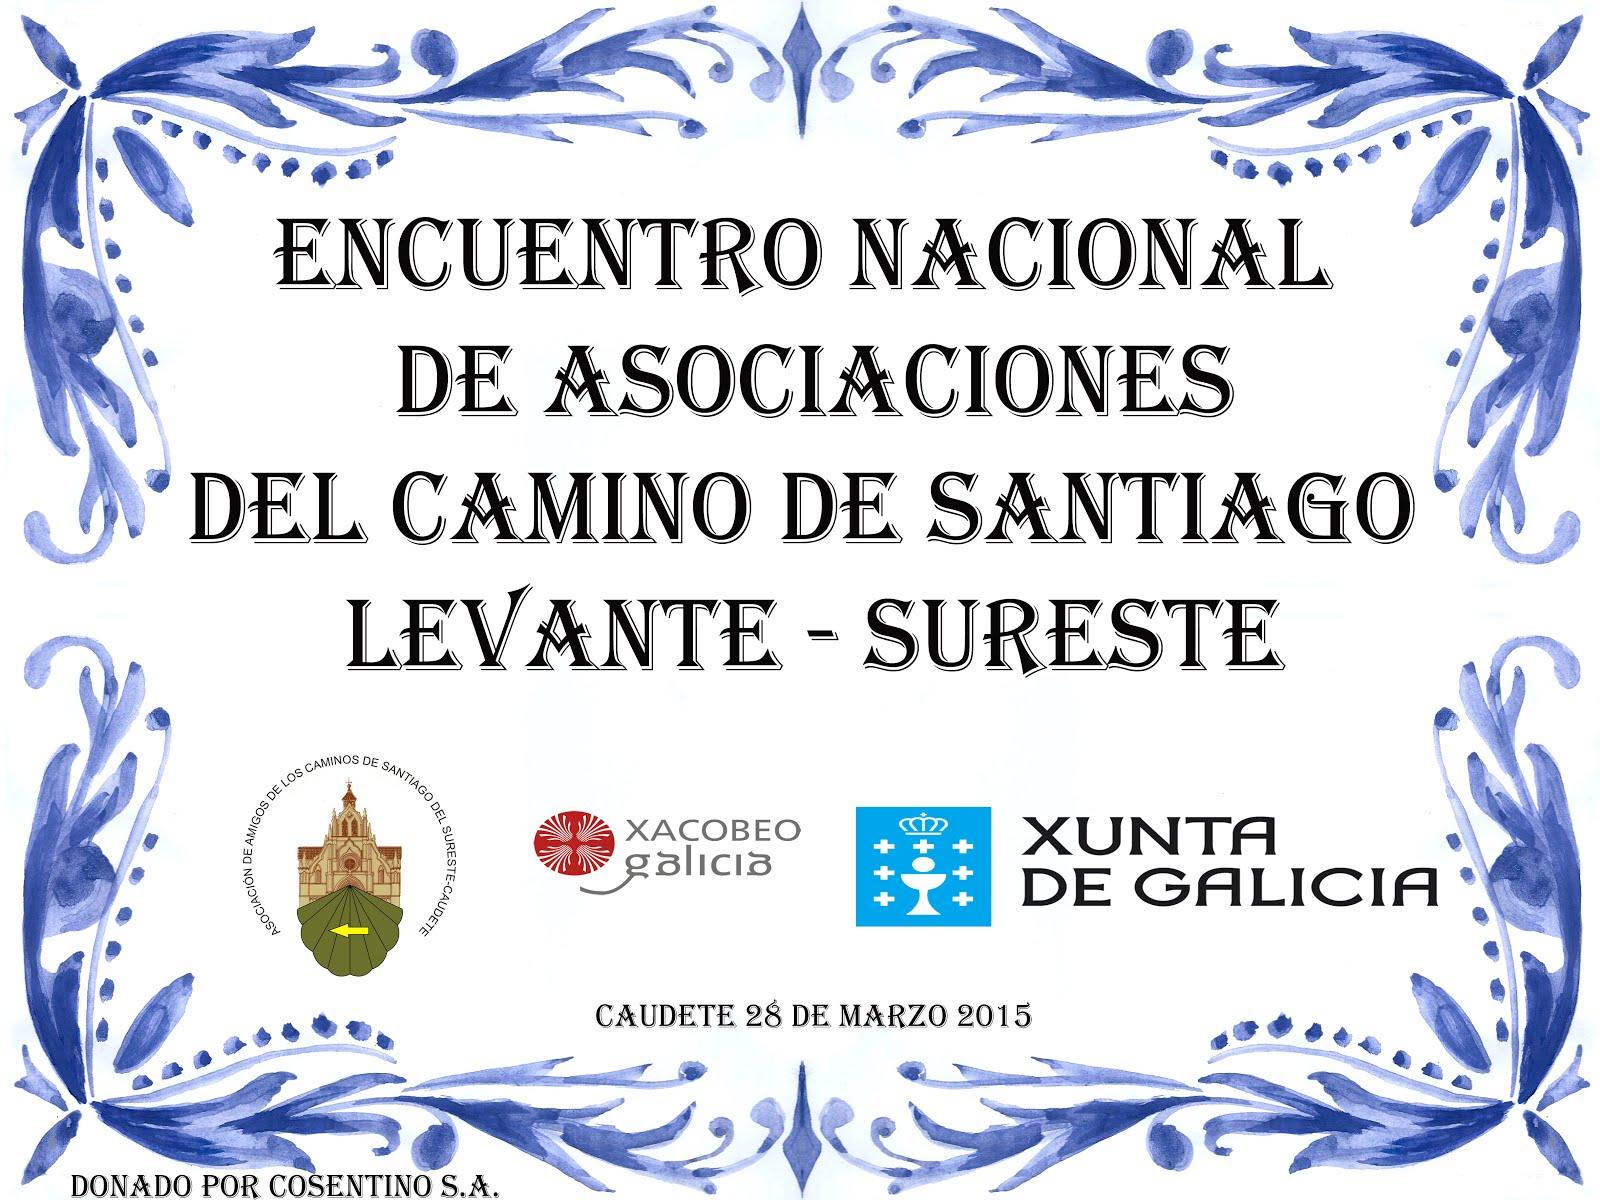 AZULEJOS INAUGURADOS EN EL ENCUENTRO NACIONAL DE ASOCIACIONES LEVANTE-SURESTE